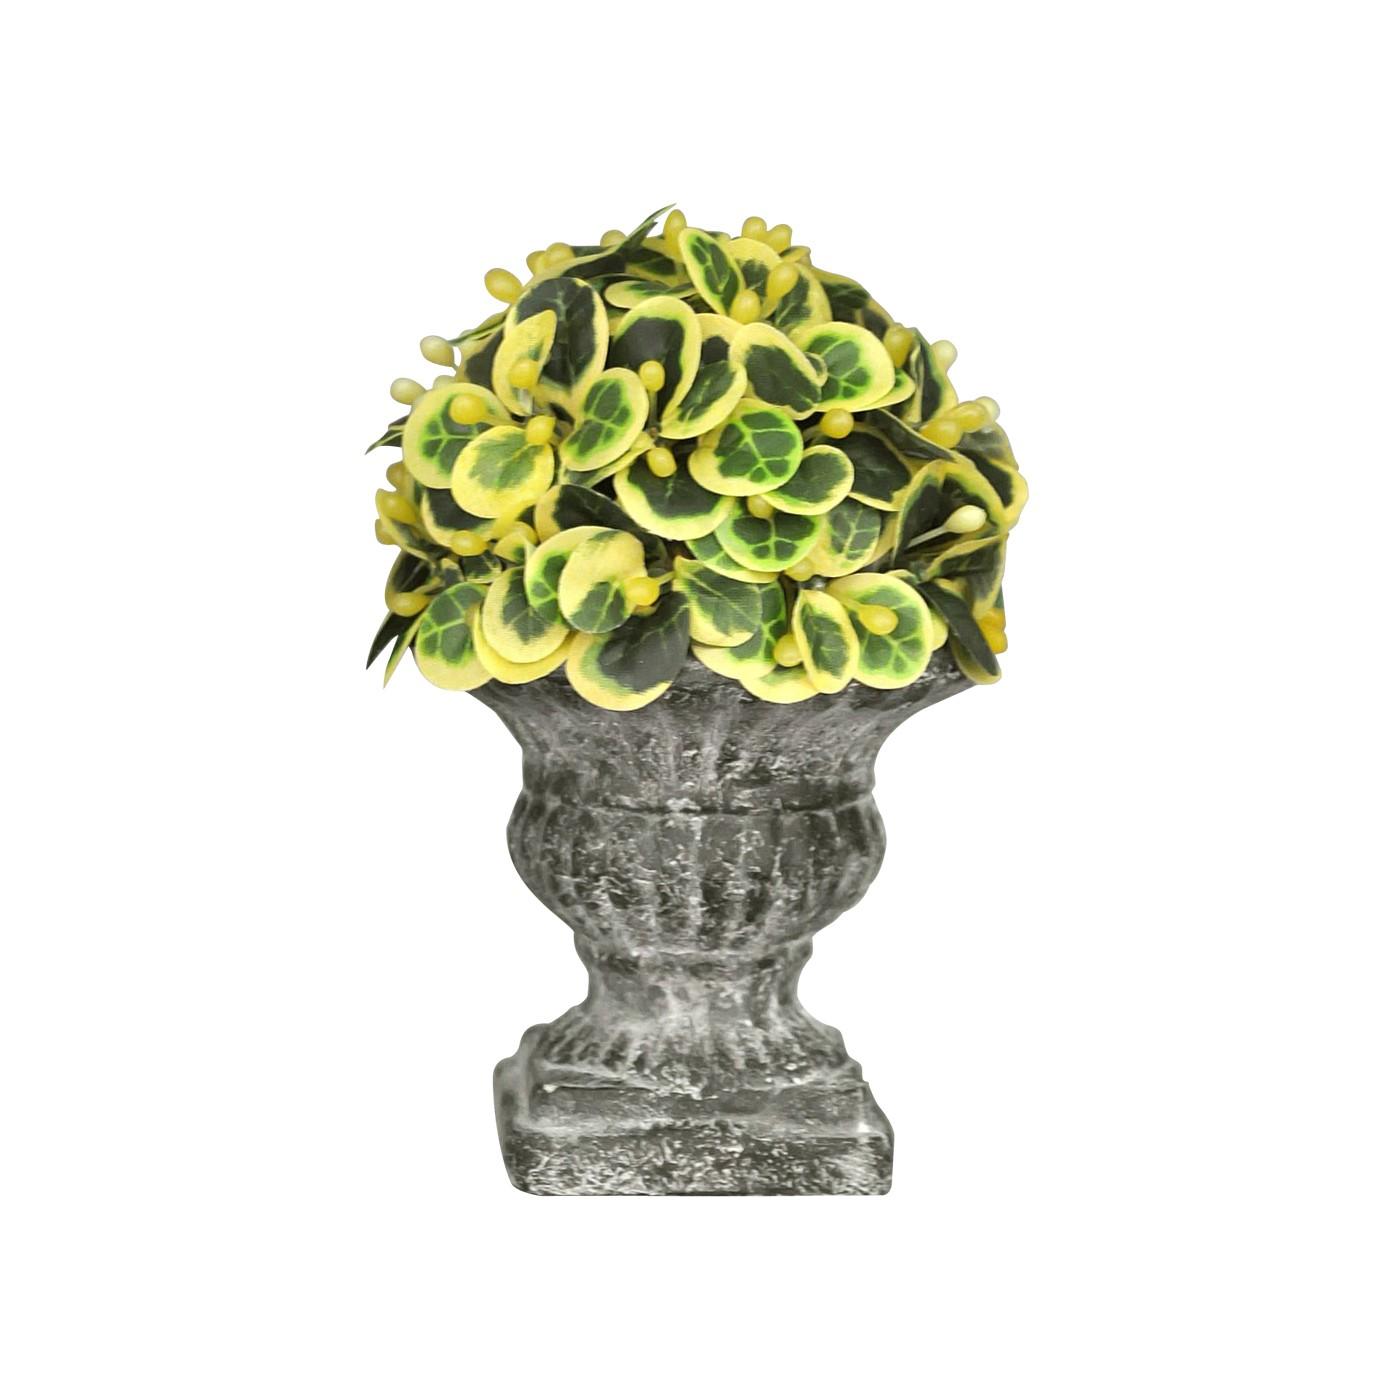 Les 6 mini topiaires d coratives demeure et jardin for Plante decorative